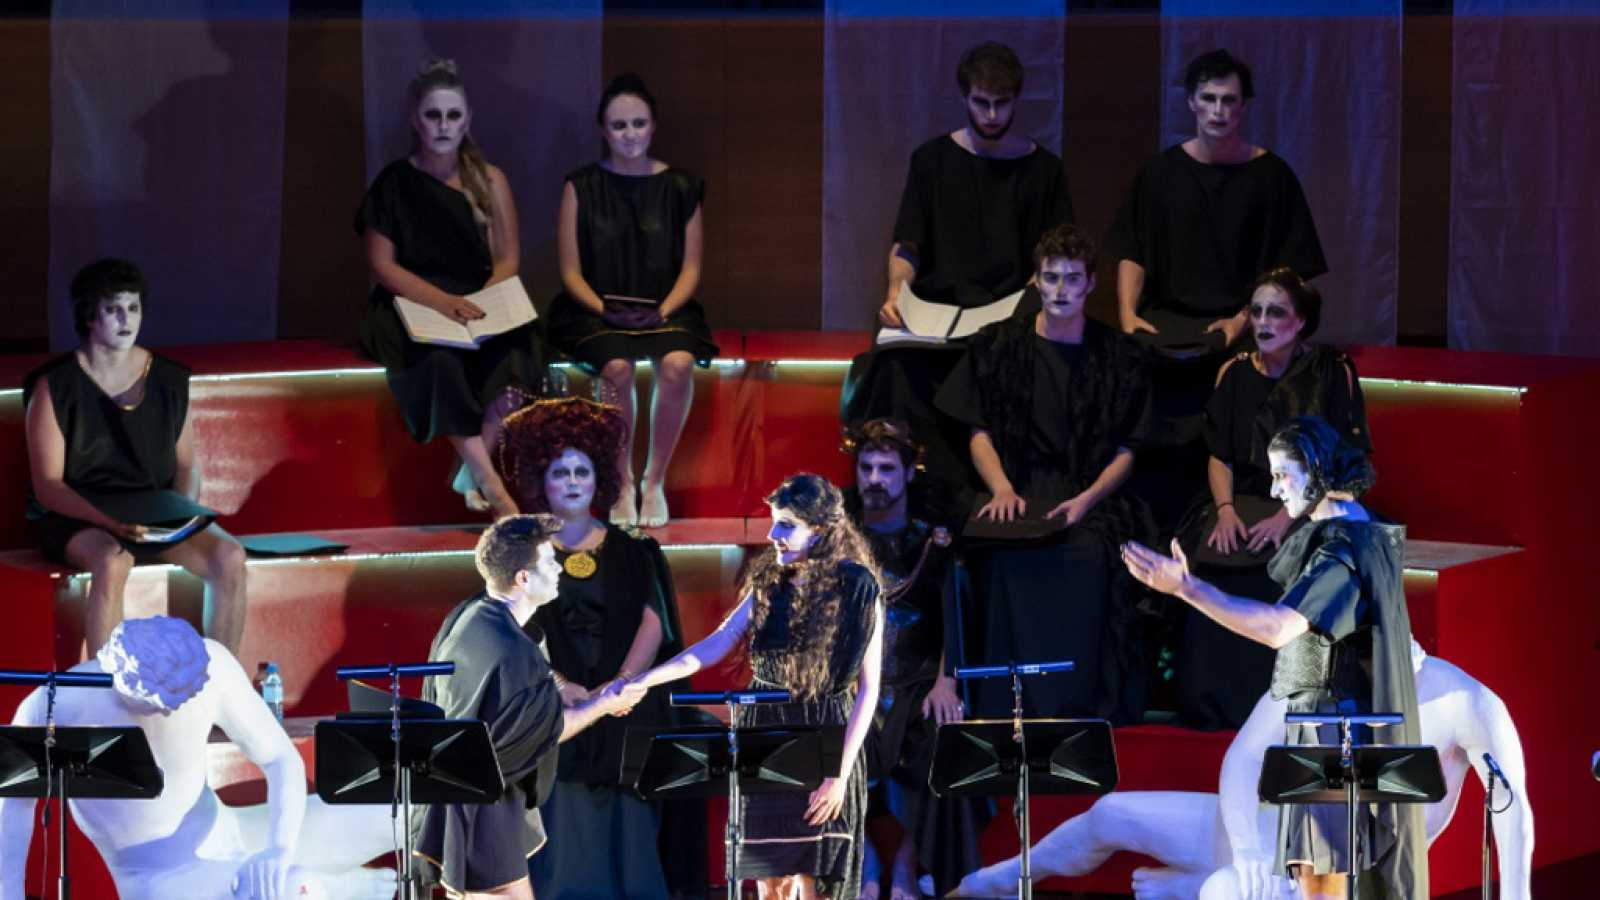 Artesfera - La nueva ópera 'Yo Claudio y Claudio el dios', llega al Auditorio Nacional - 13/06/19 - escuchar ahora